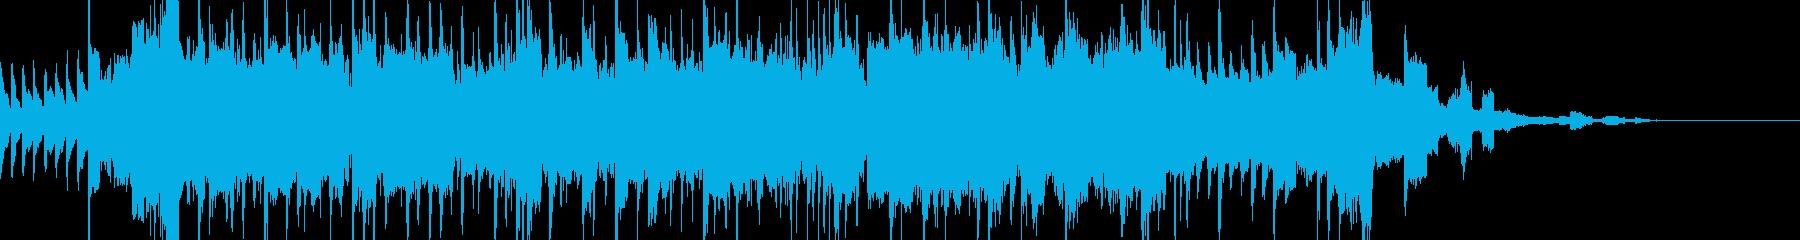 テレビのイントロに最適な速いペースの曲の再生済みの波形